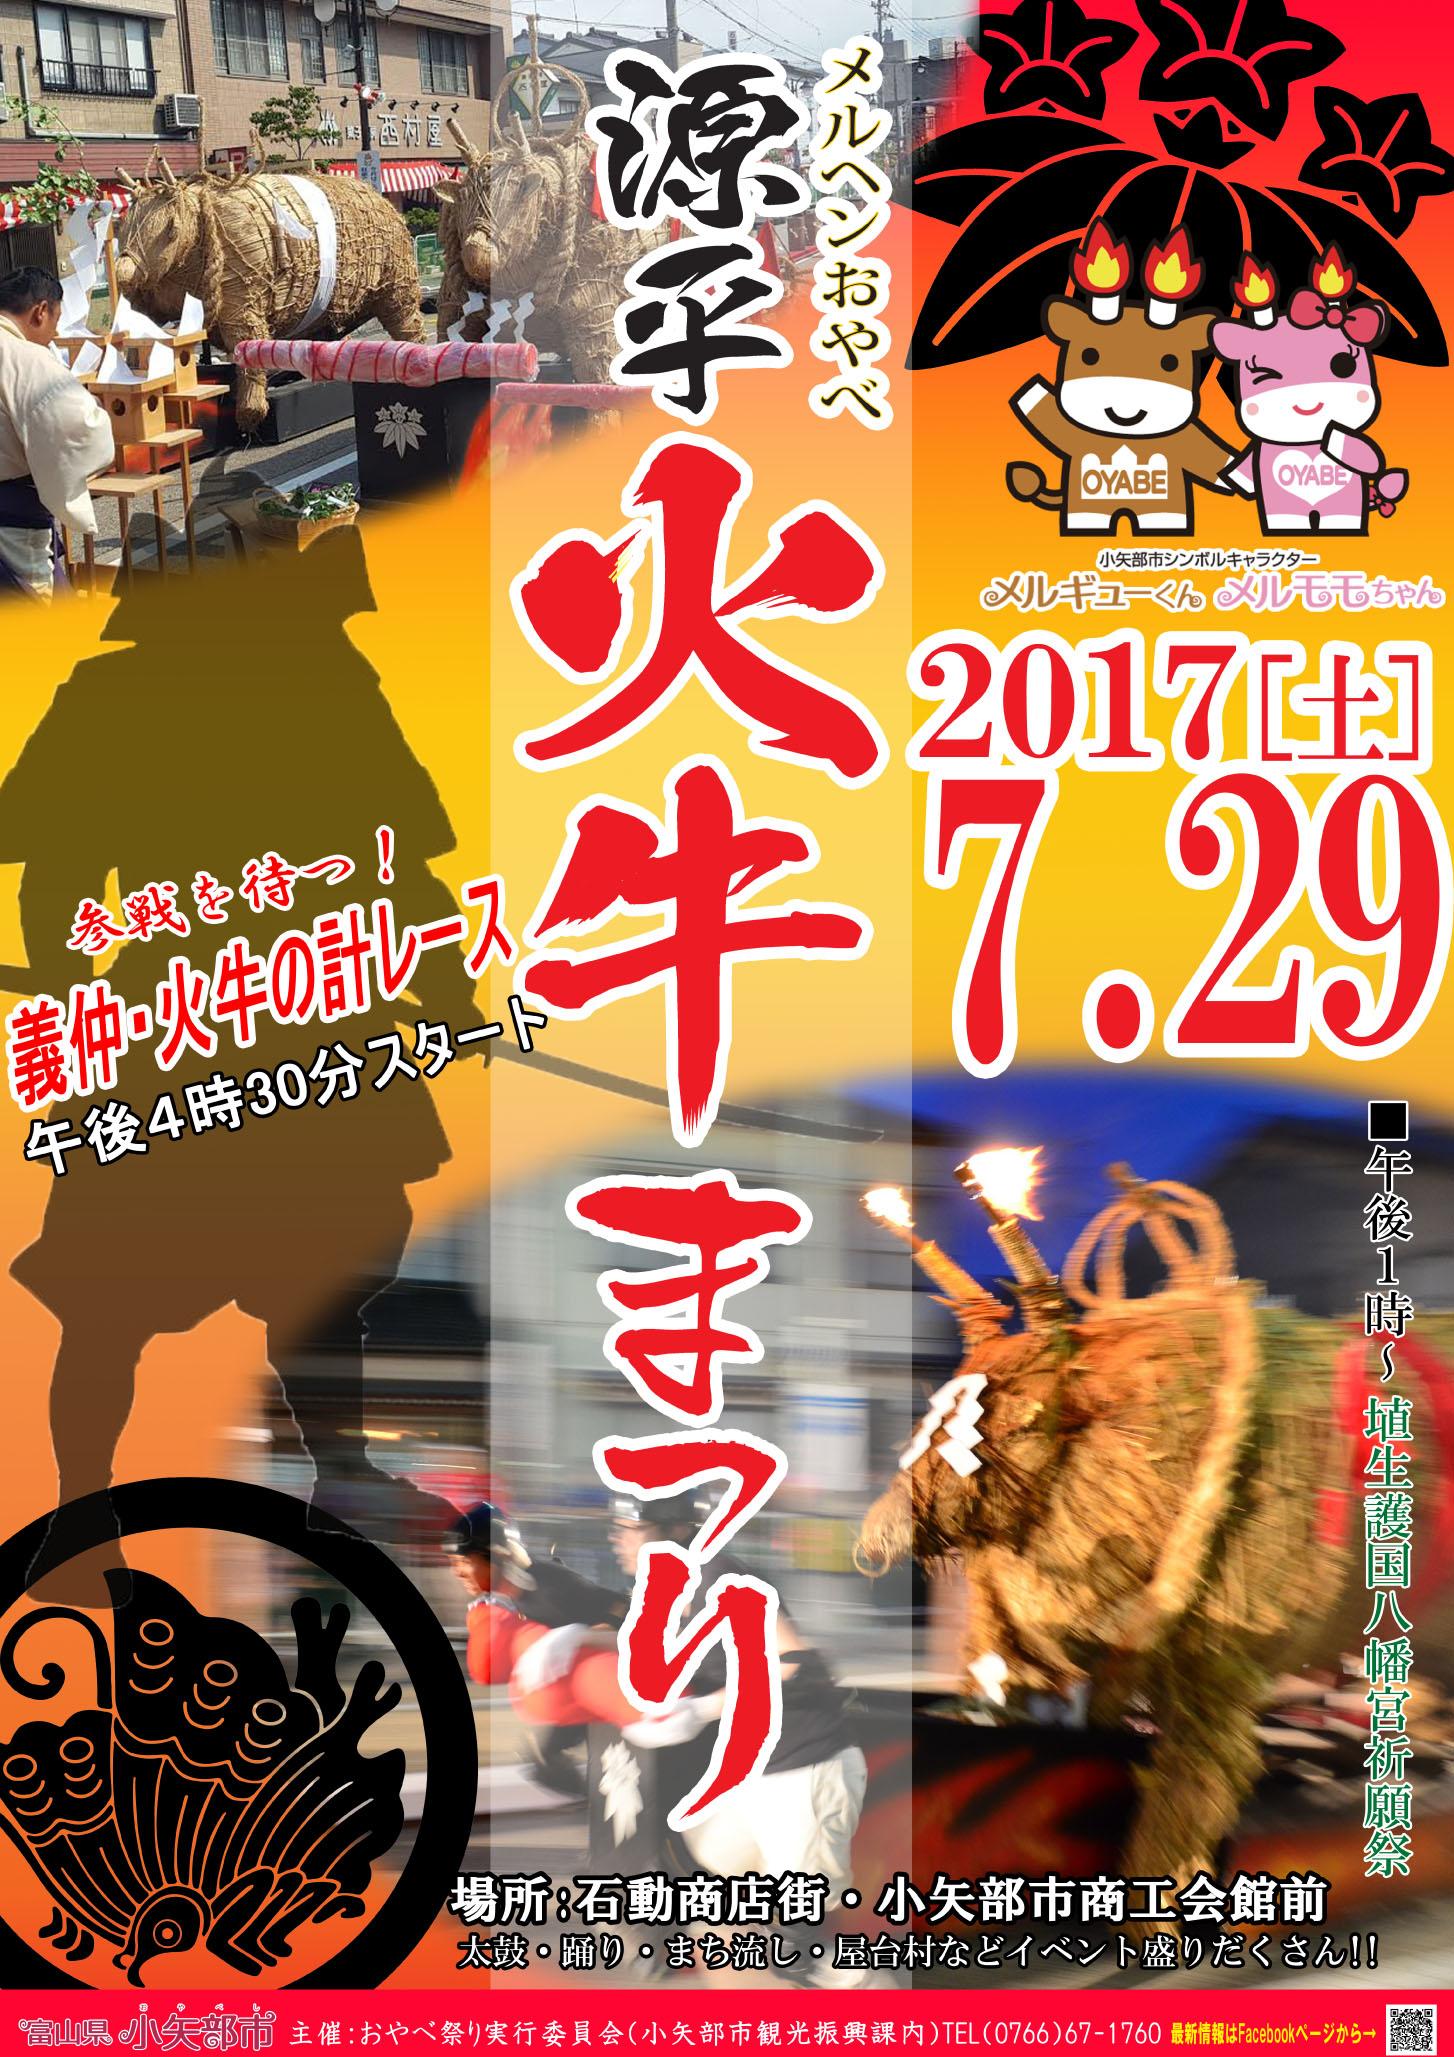 H29.7.5「メルヘンおやべ源平火牛まつり」宣伝物